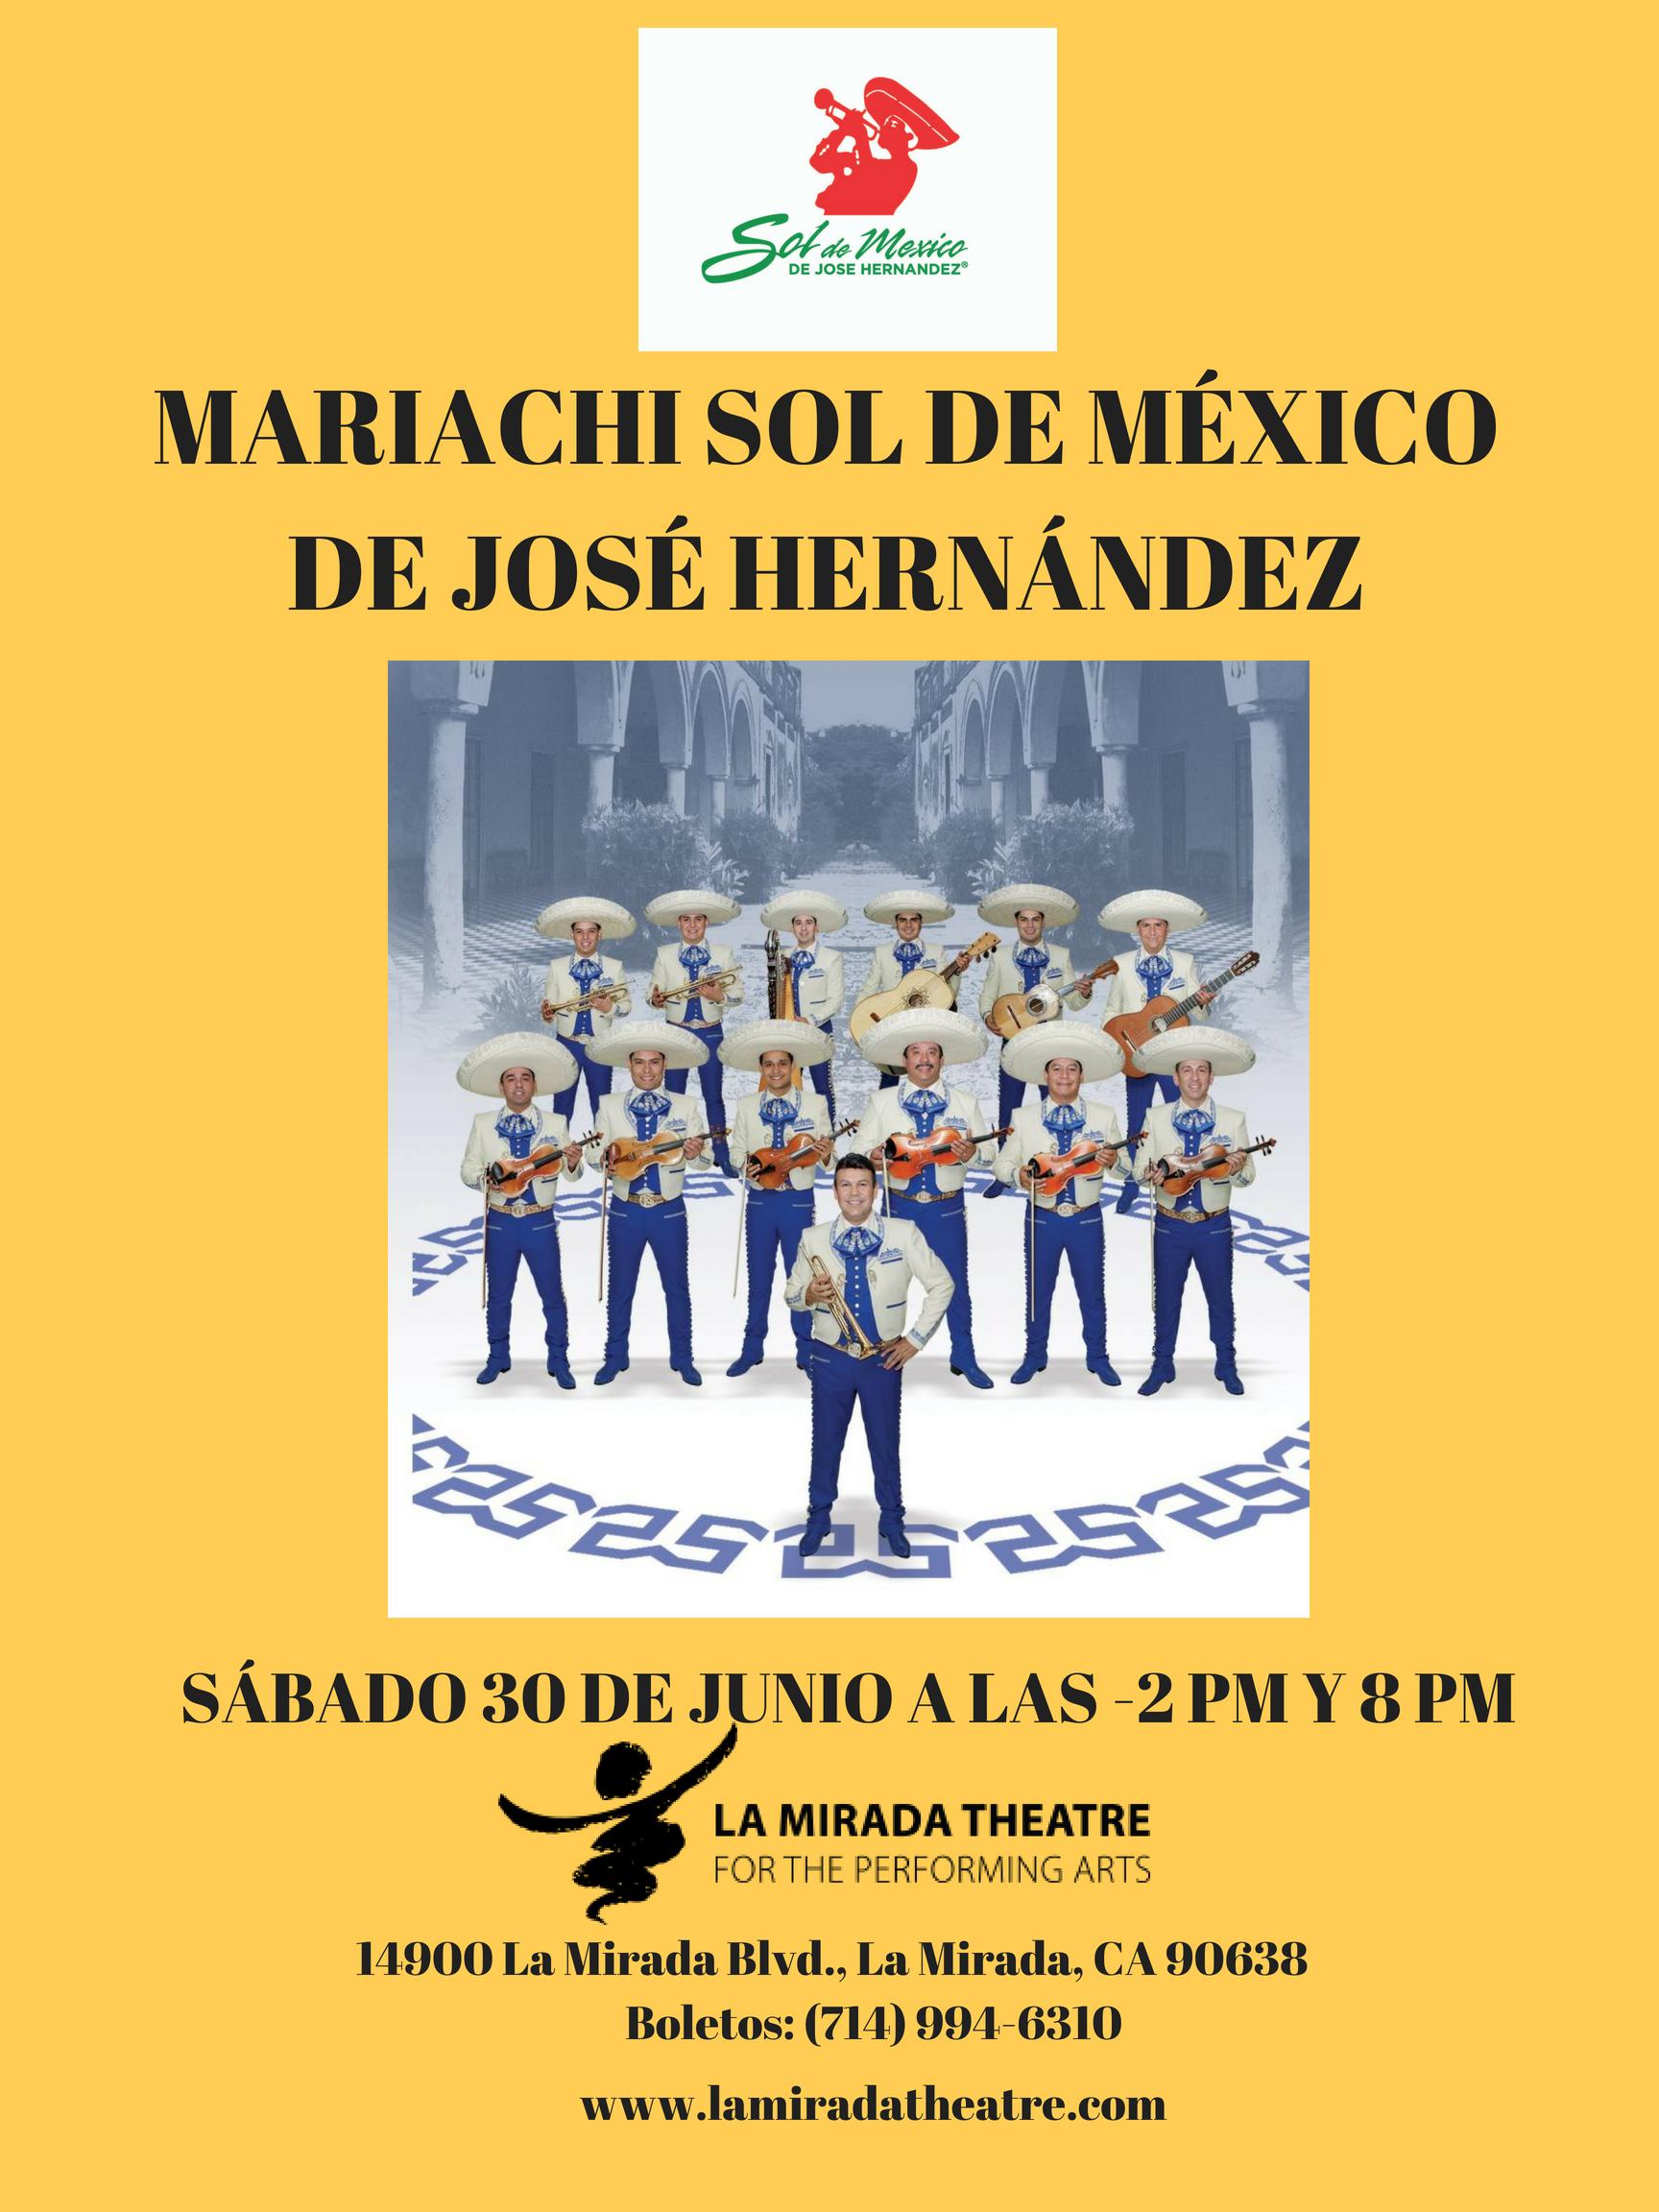 El Maestro José Hernández y su Famoso Mariachi Sol de México en Concierto en la Mirada Theatre For The Performing Arts